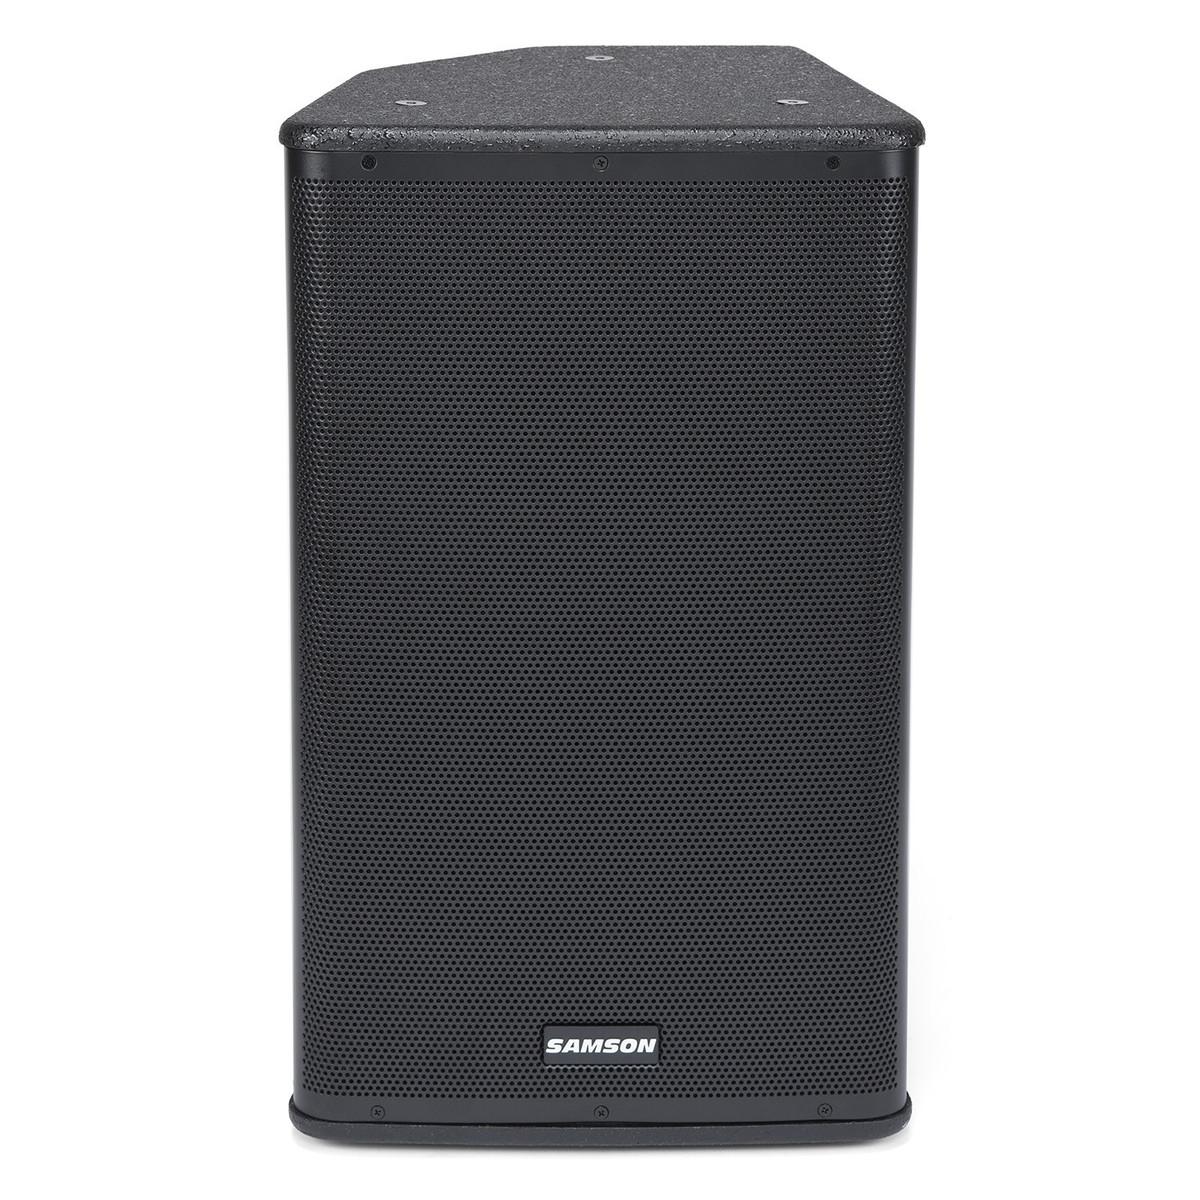 samson rsx112a 2 way active loudspeaker at. Black Bedroom Furniture Sets. Home Design Ideas